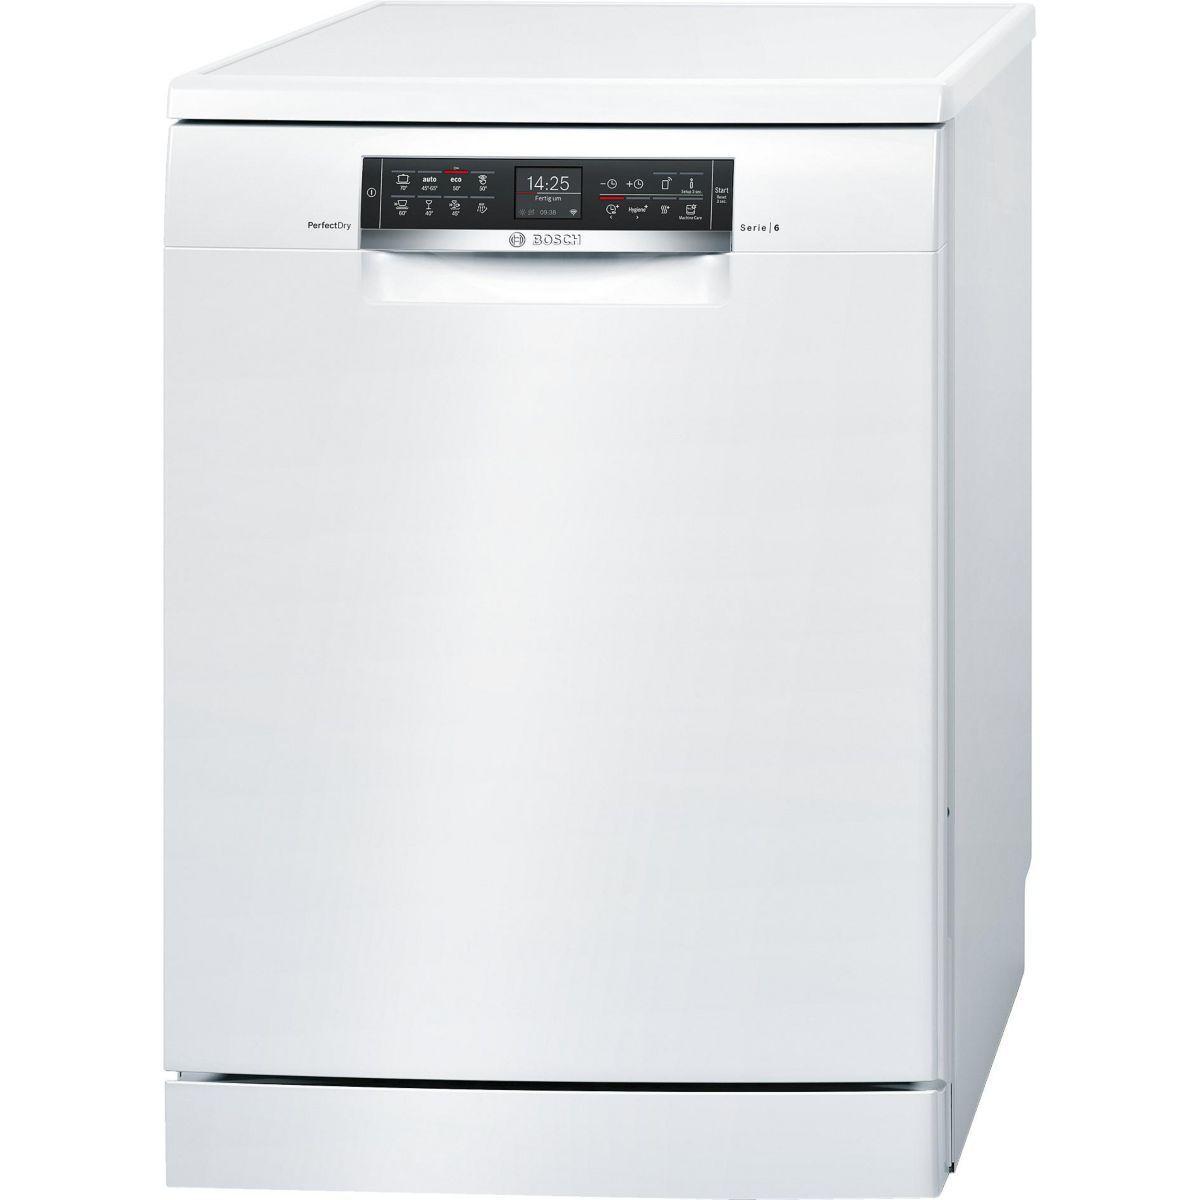 Lave vaisselle 60 cm bosch sms68tw16e - 2% de remise imm�diate avec le code : gam2